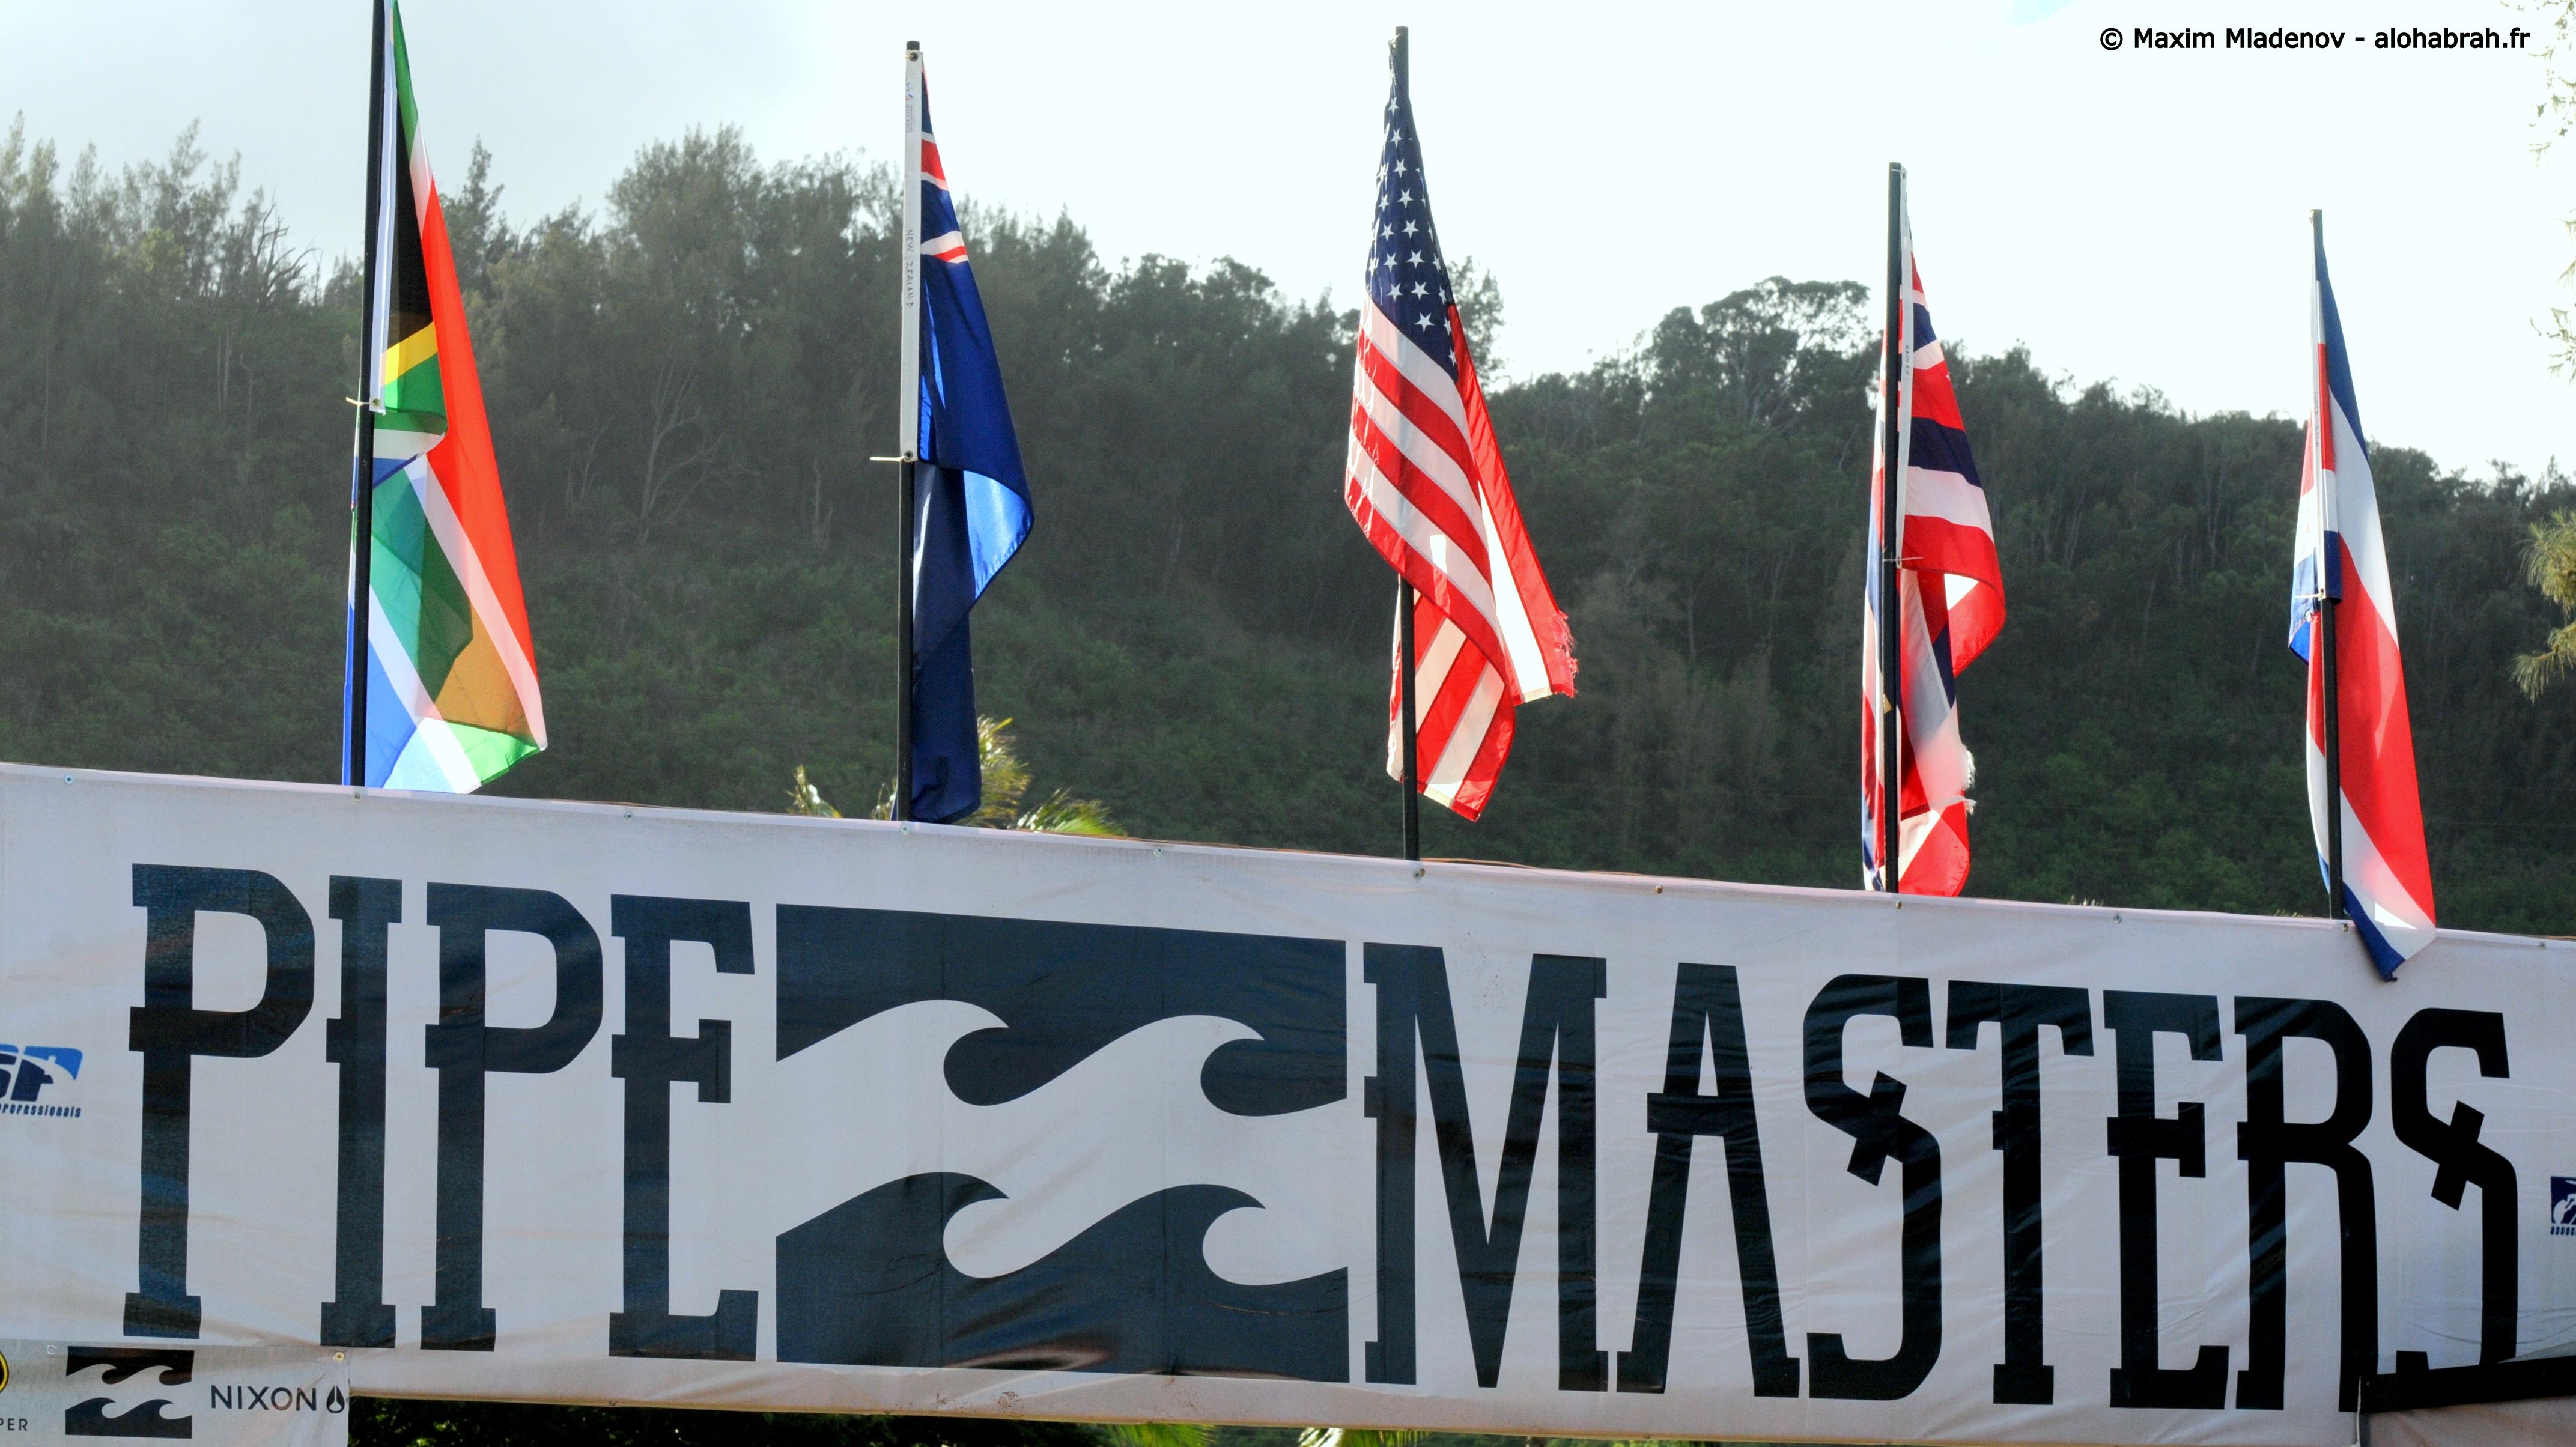 Banderole - Billabong Pipe Masters 2011 © Maxim Mladenov - alohabrah.fr